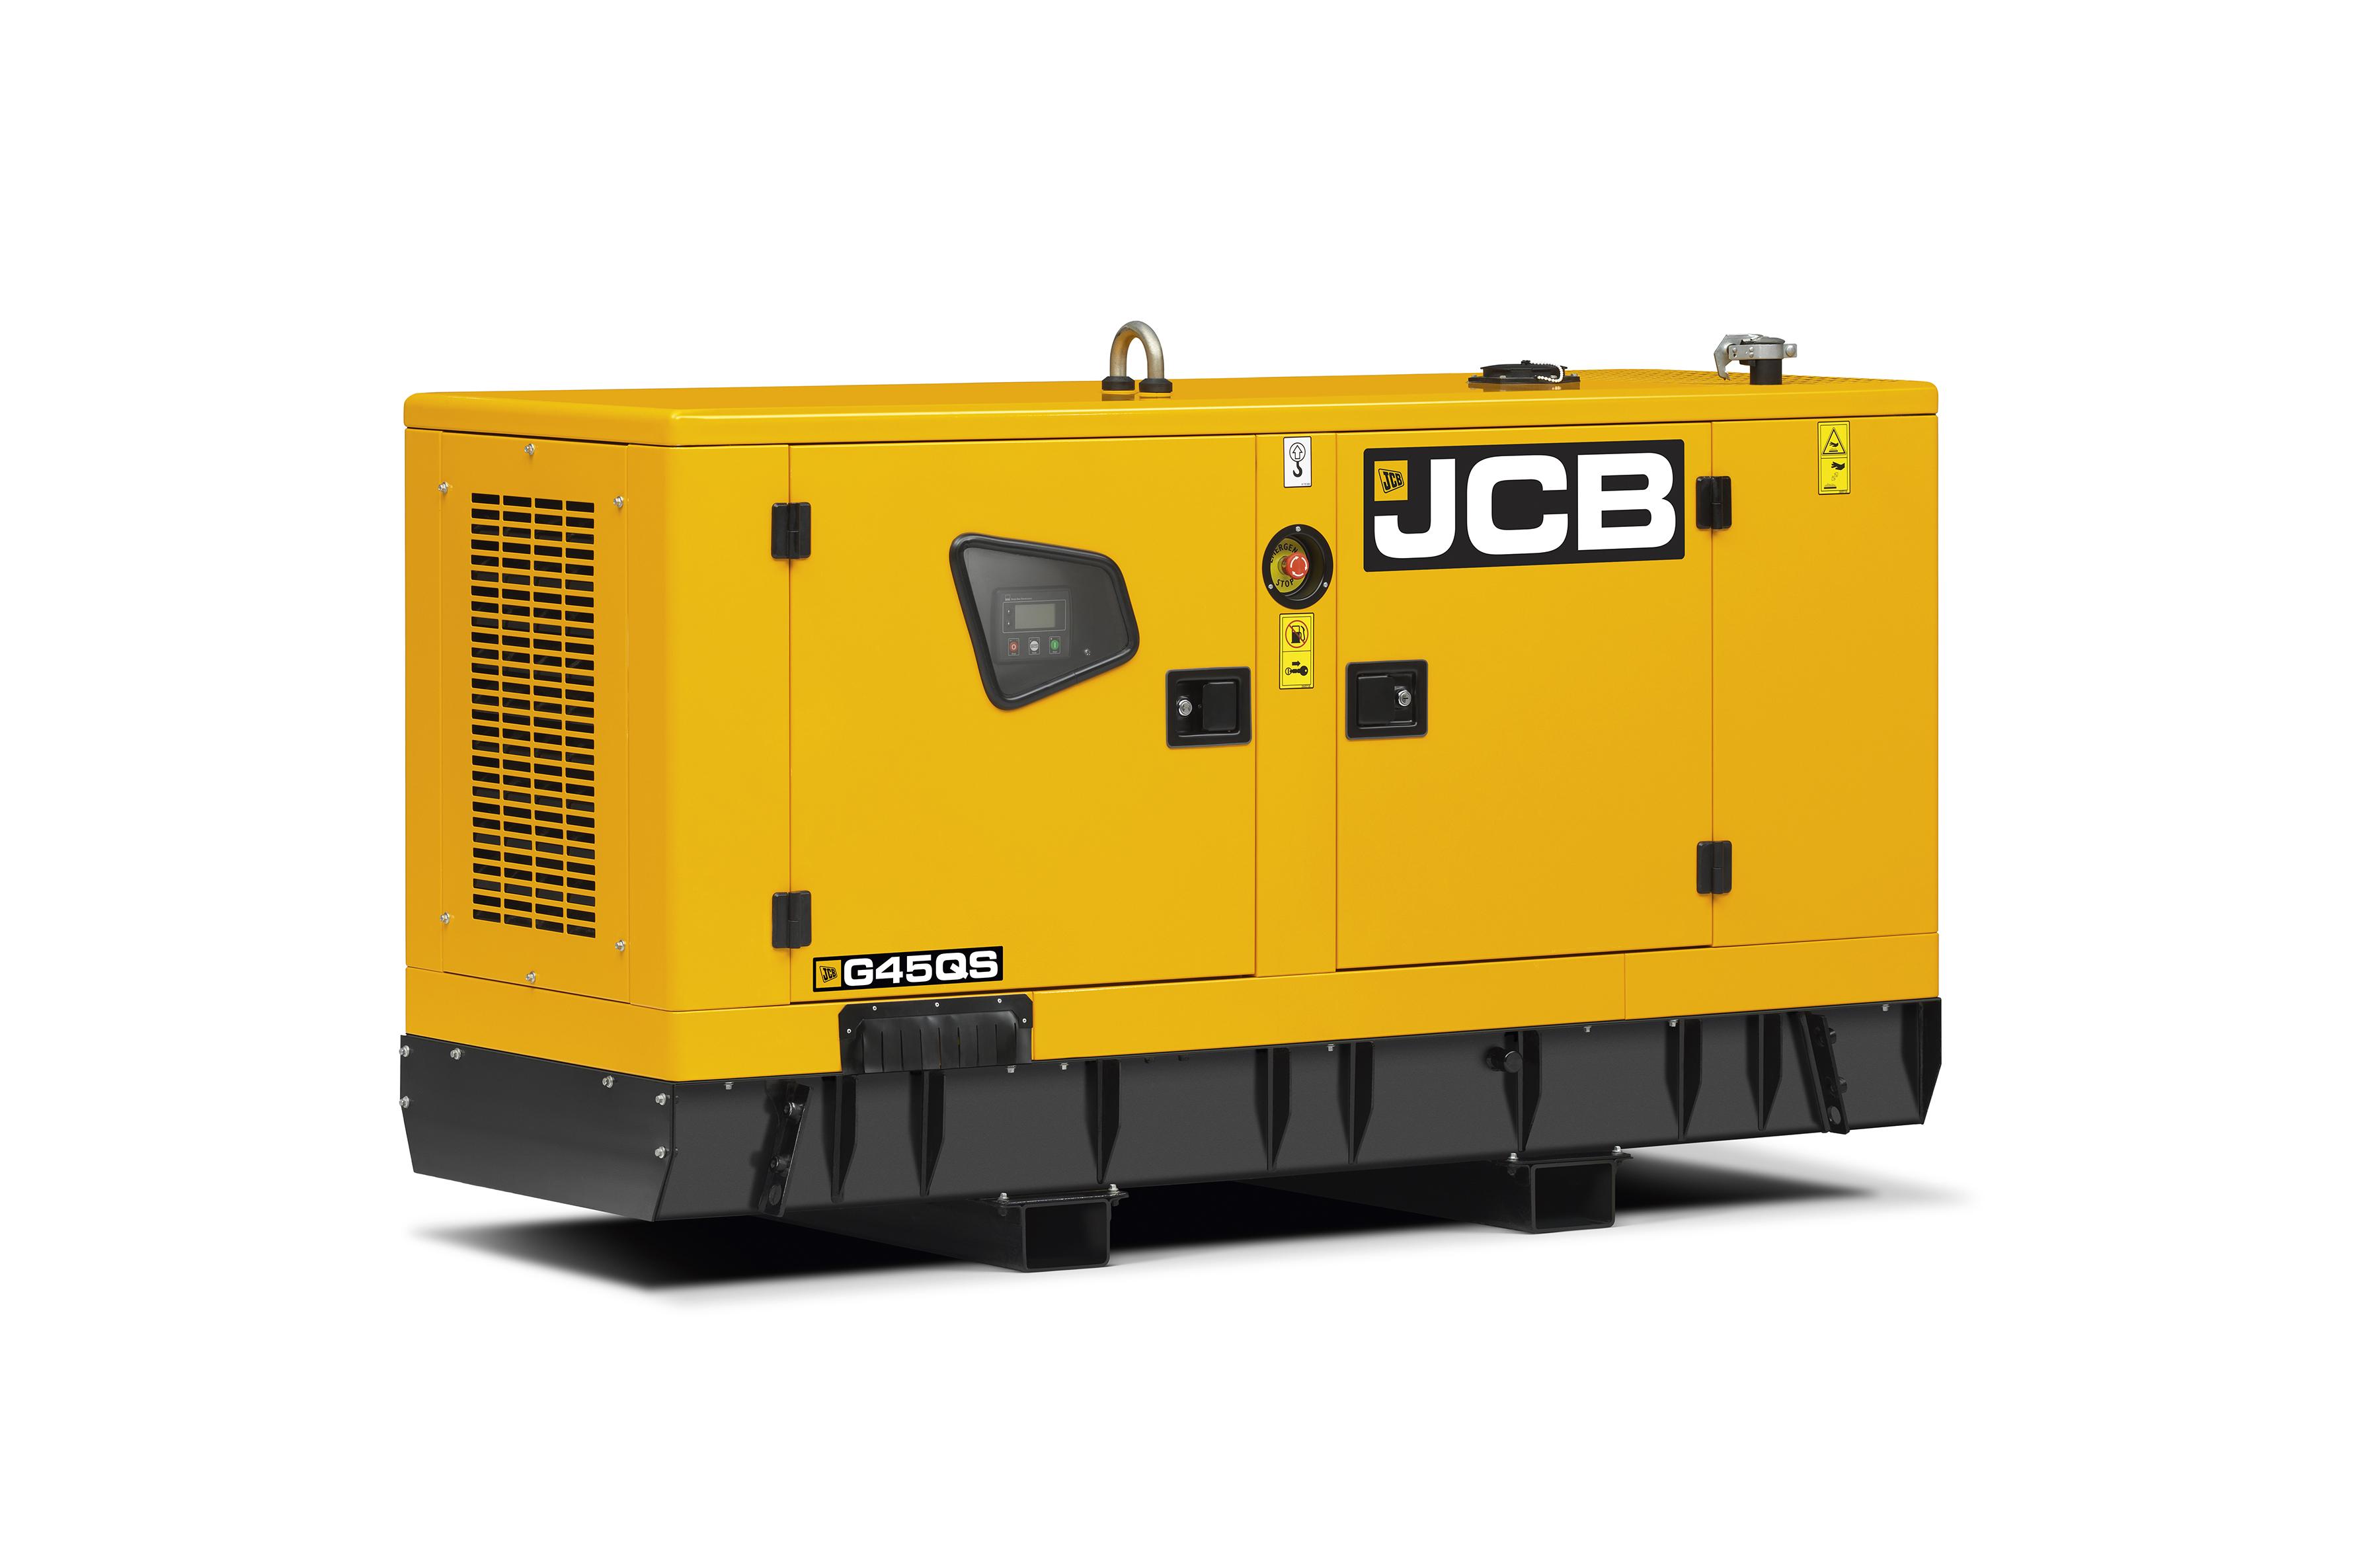 Generator 45 KVA , 3 Phase & Single Phase – Ashburton U-HIRE